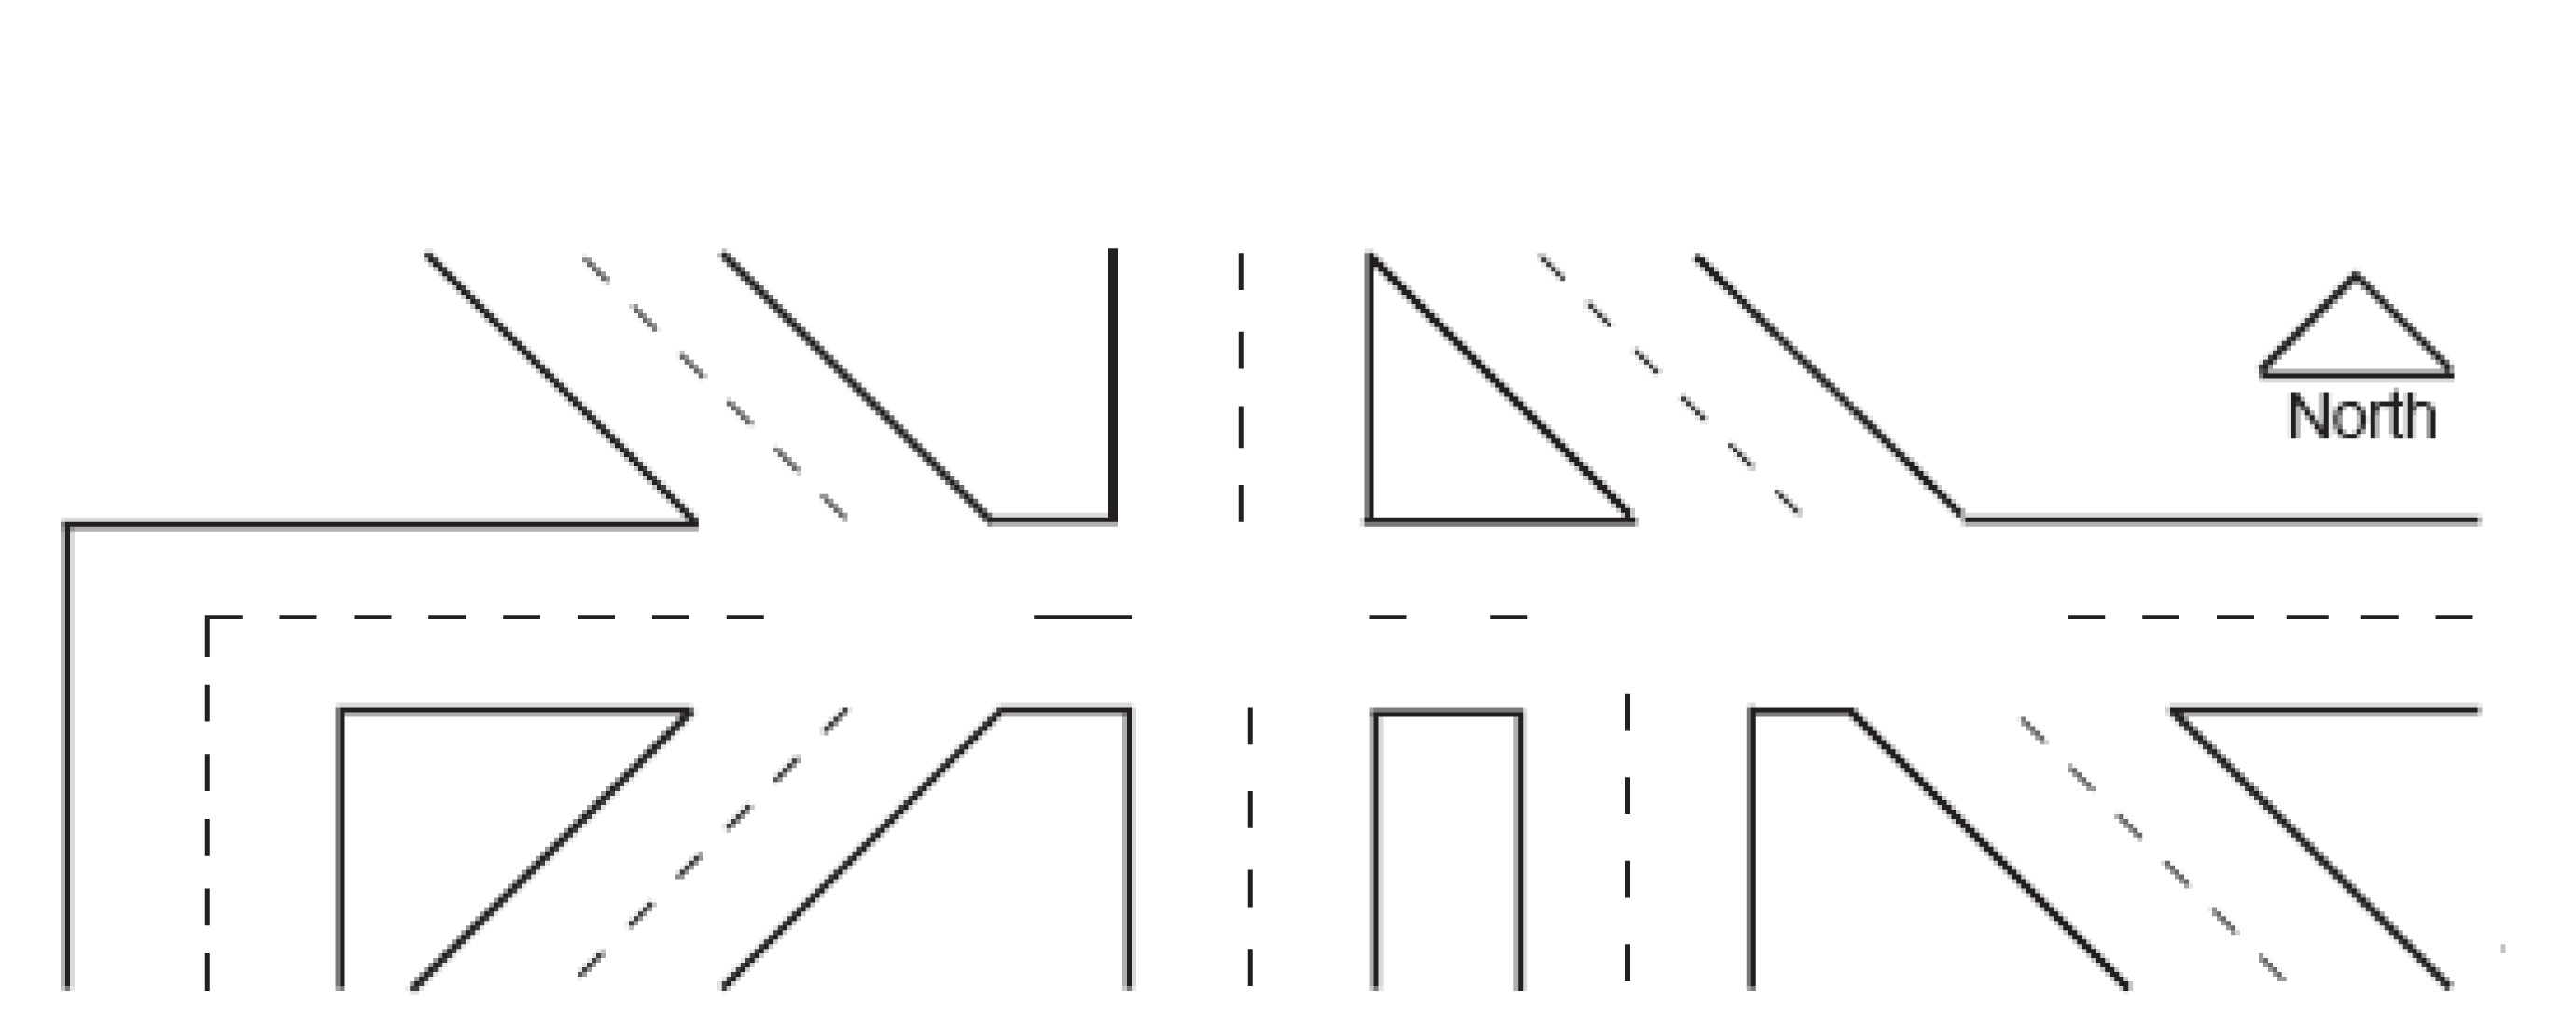 medium resolution of 100 vehicle accident diagram templates u2013 yasminroohivehicle accident diagram templates